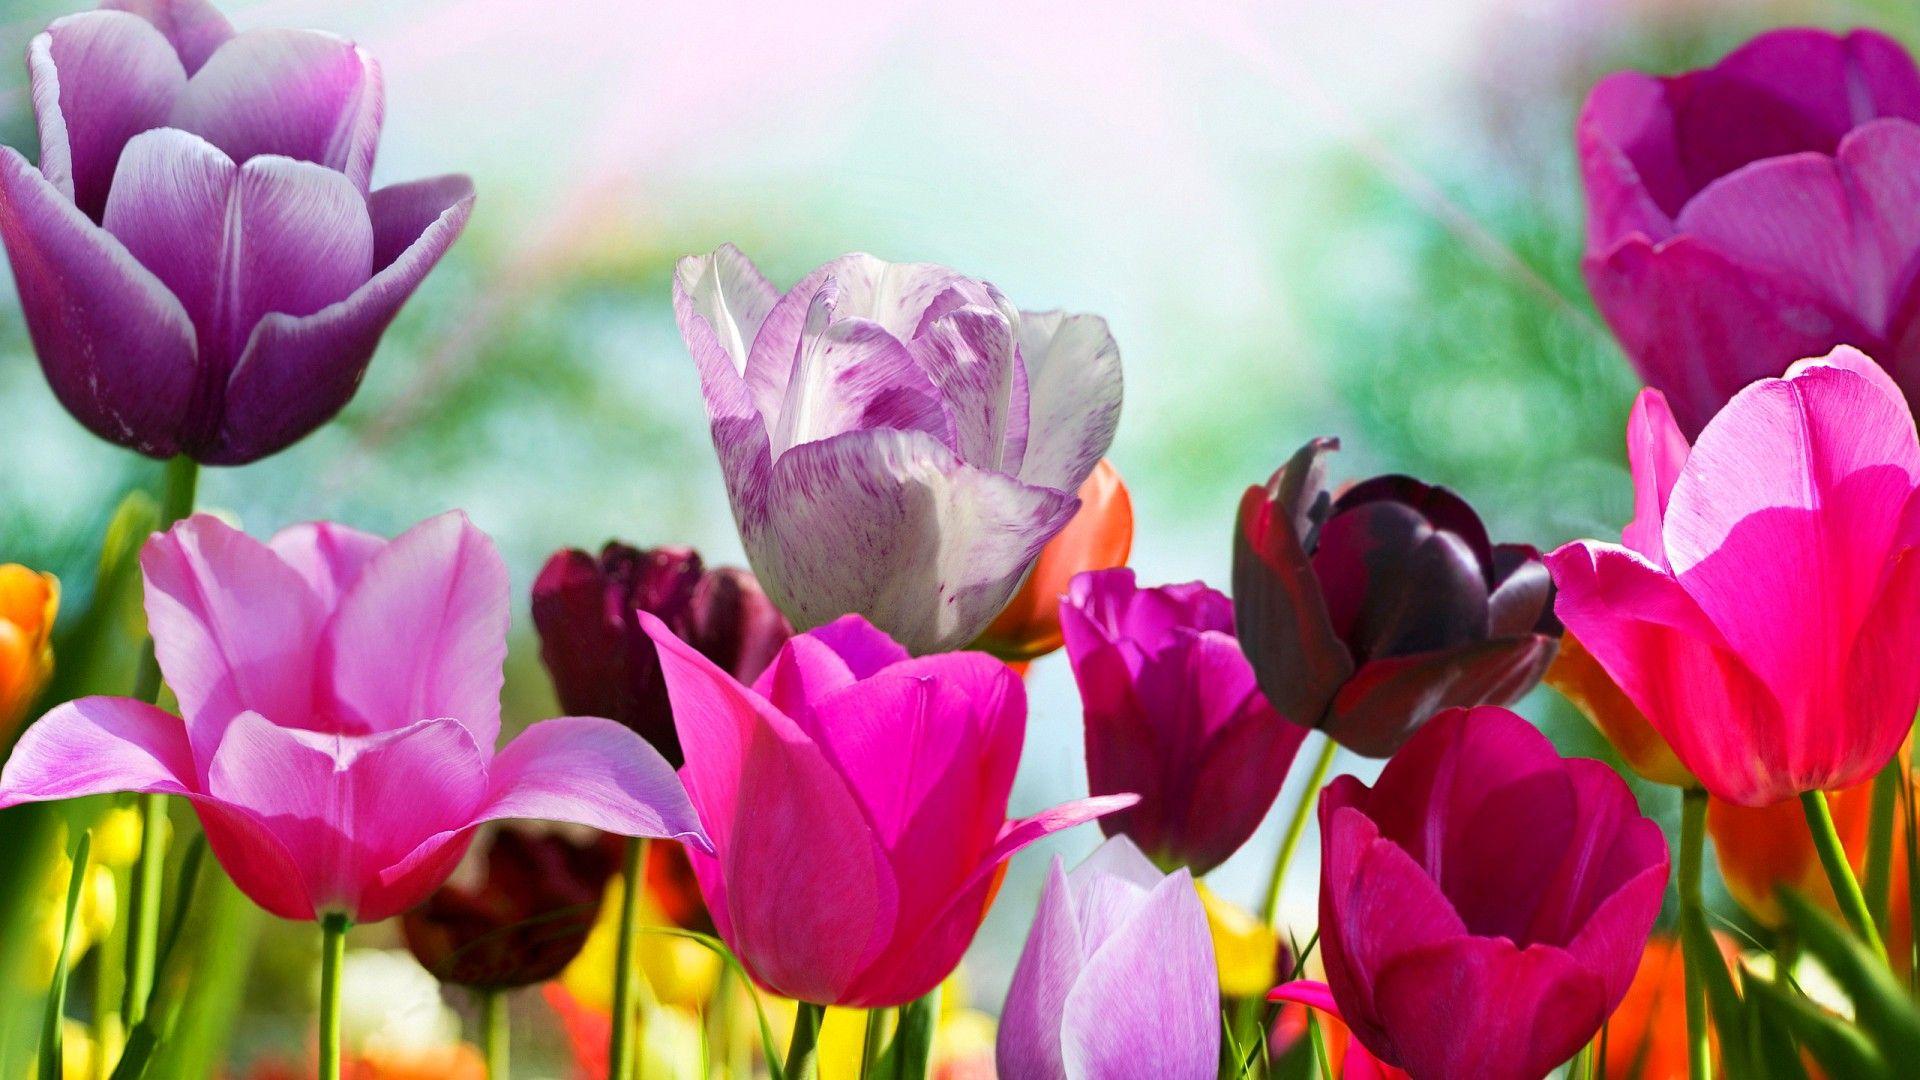 Spring flowers desktop backgrounds hd best hd wallpapers spring flowers desktop backgrounds hd best hd wallpapers mightylinksfo